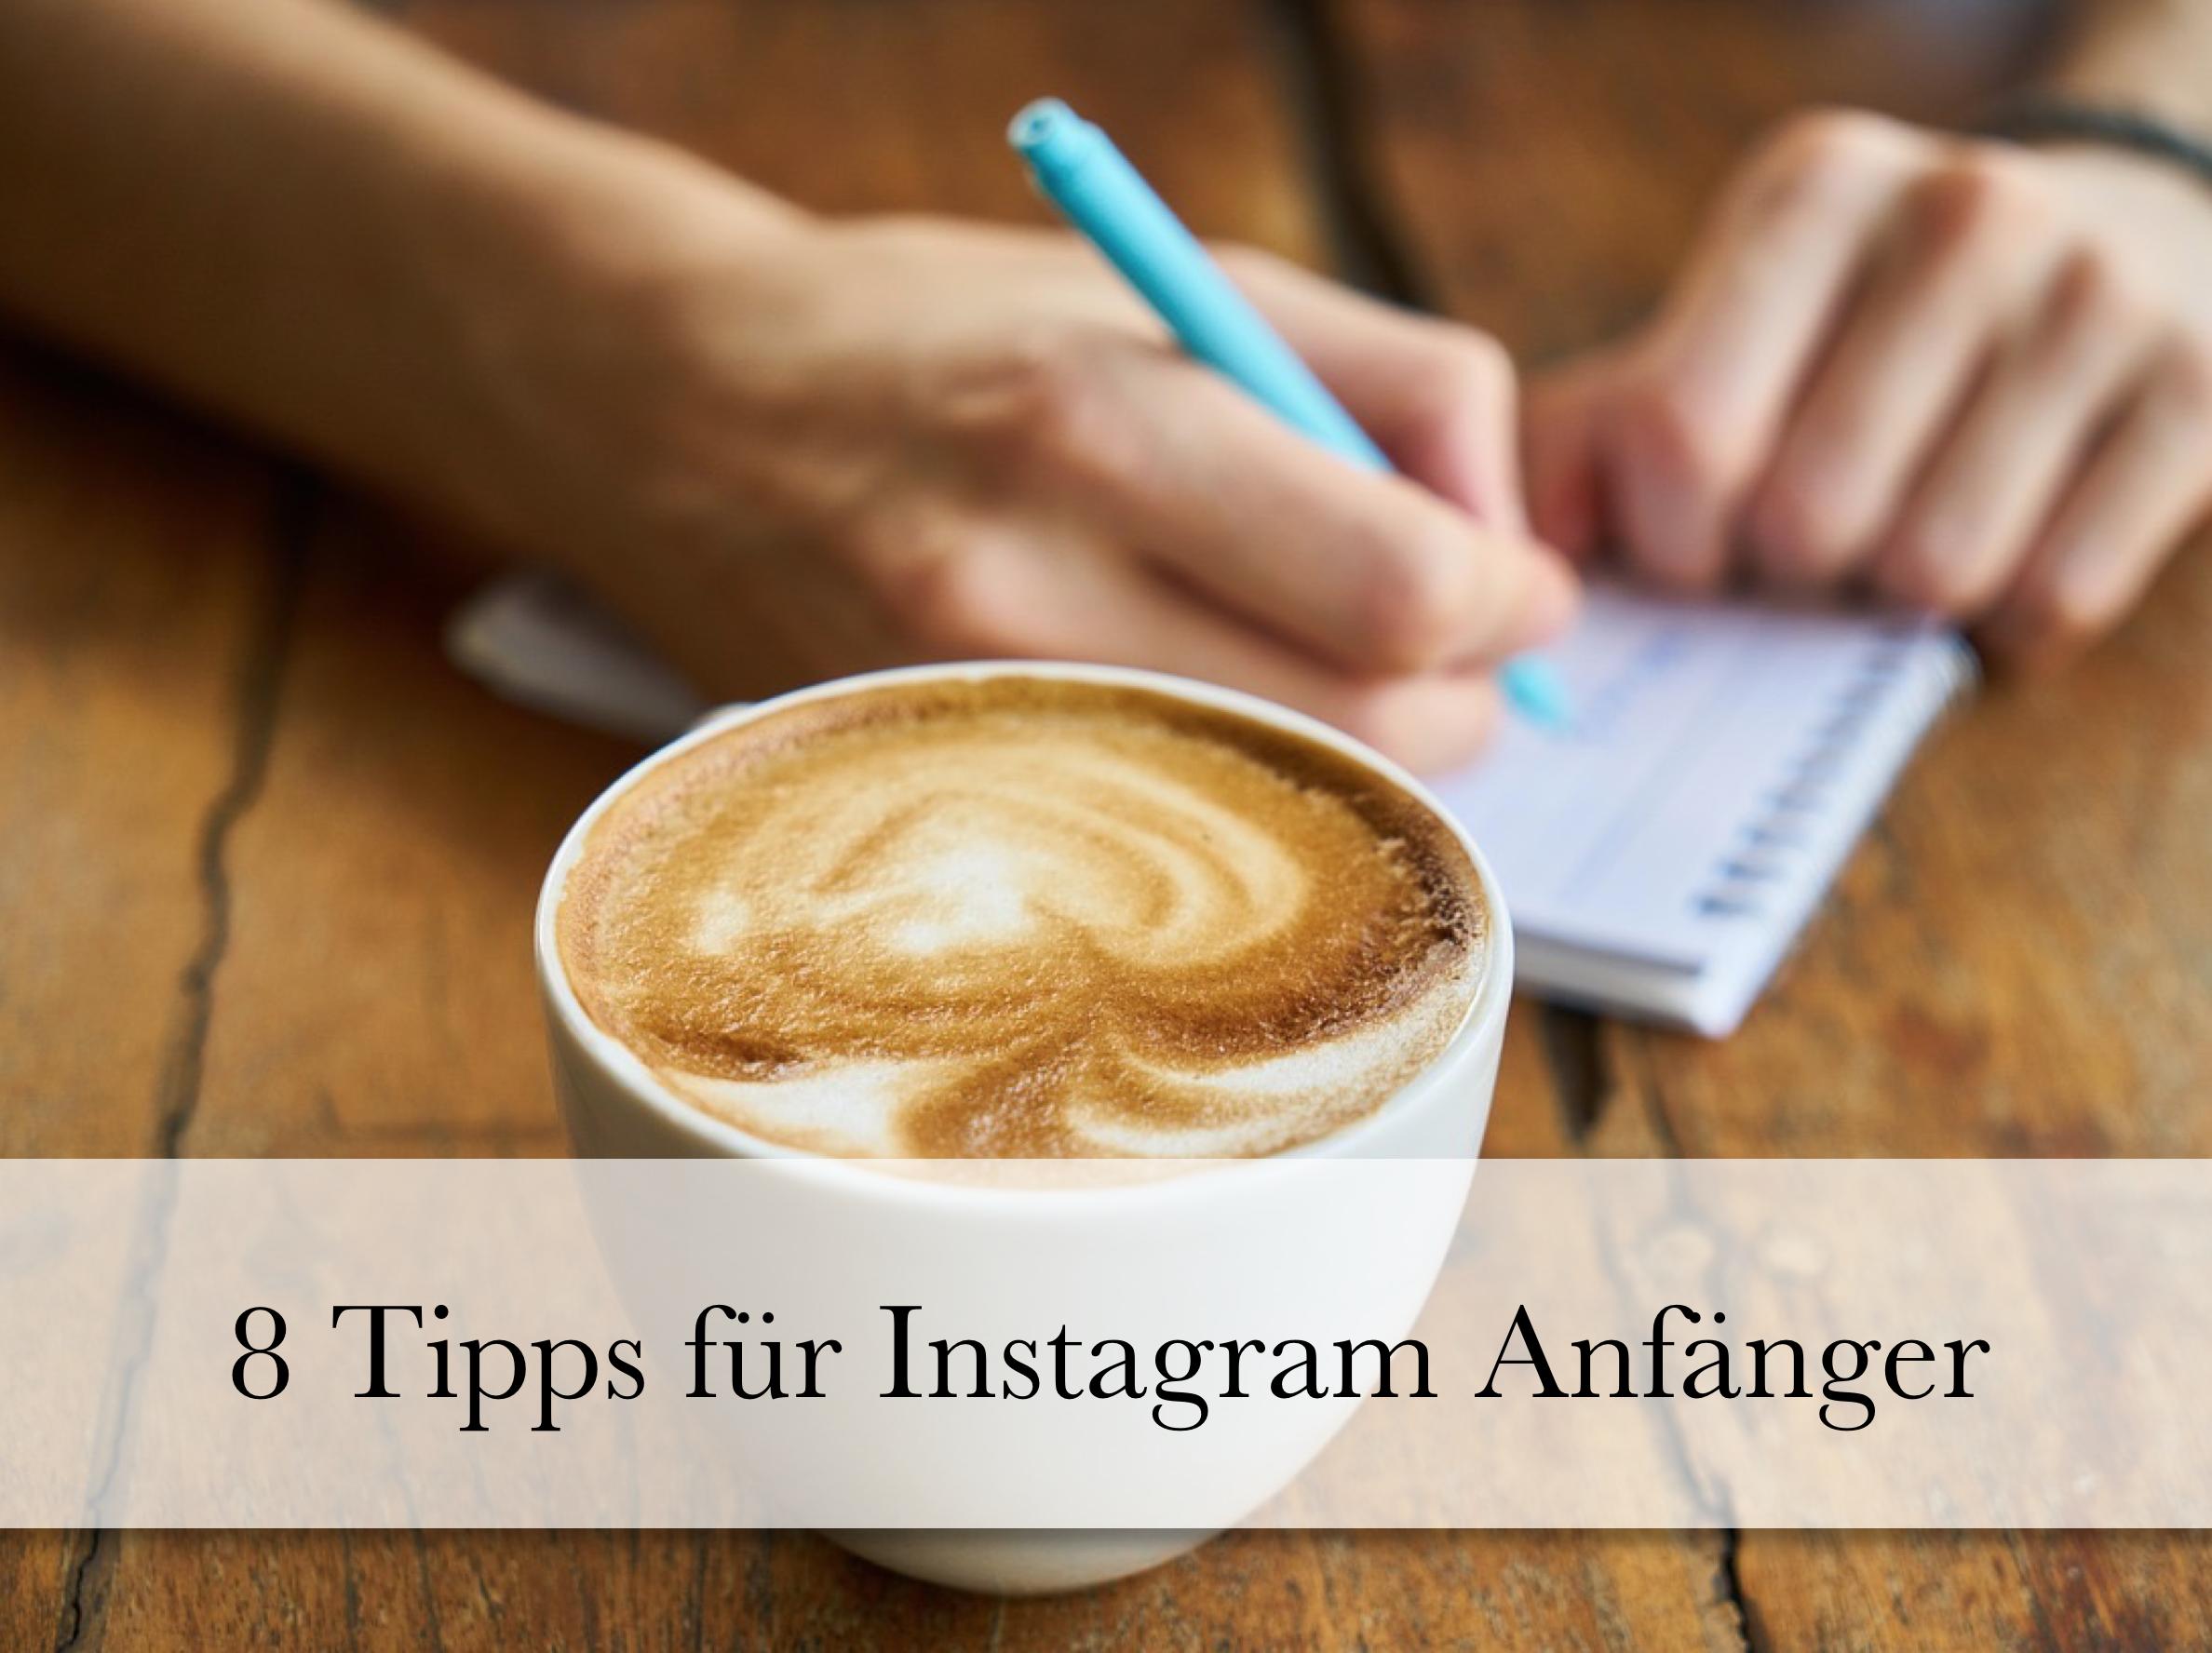 8 Tipps für Instagram-Anfänger